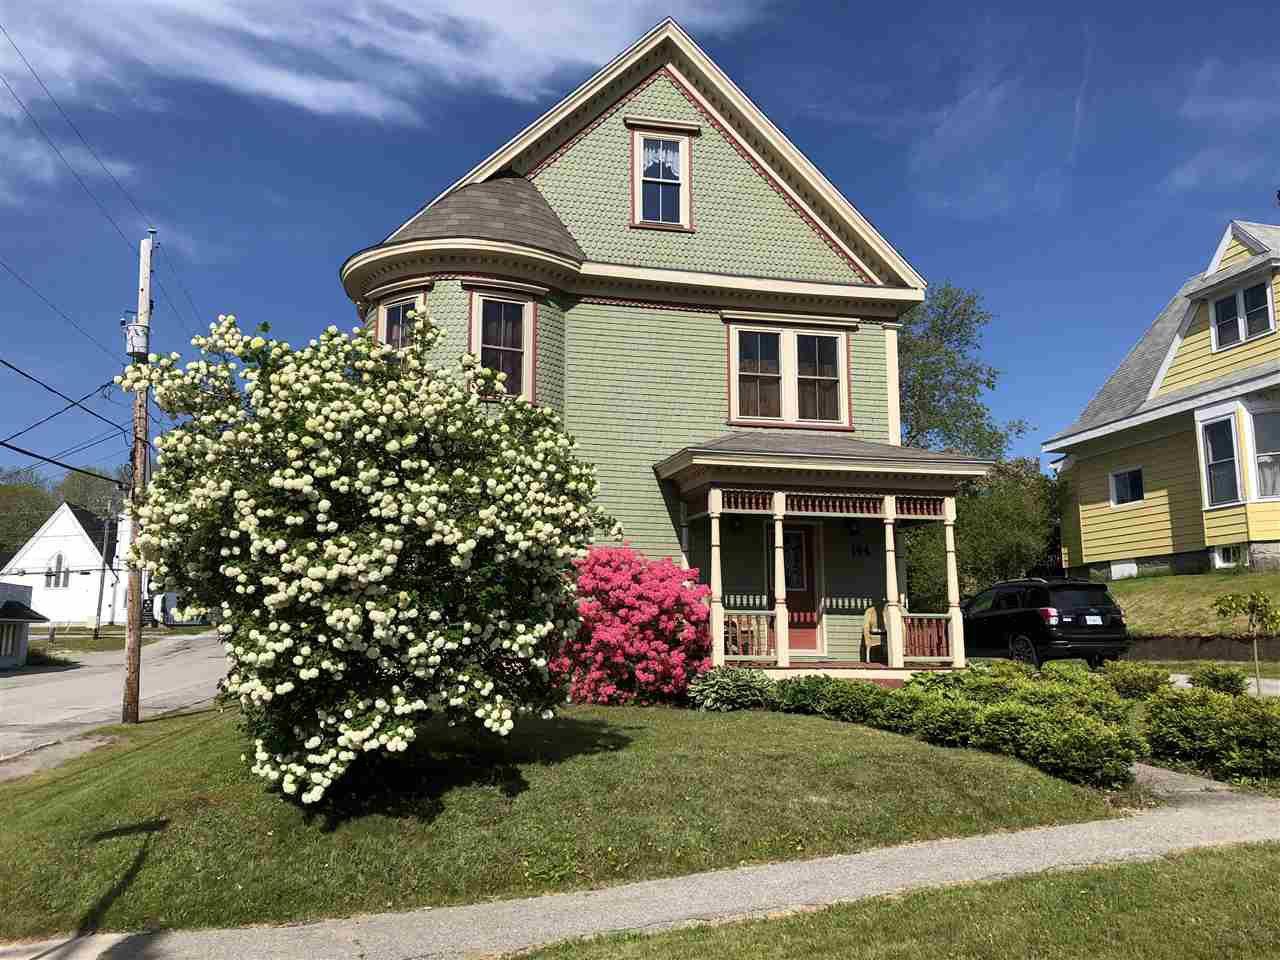 Main Photo: 144 Mowatt Street in Shelburne: 407-Shelburne County Residential for sale (South Shore)  : MLS®# 201923525